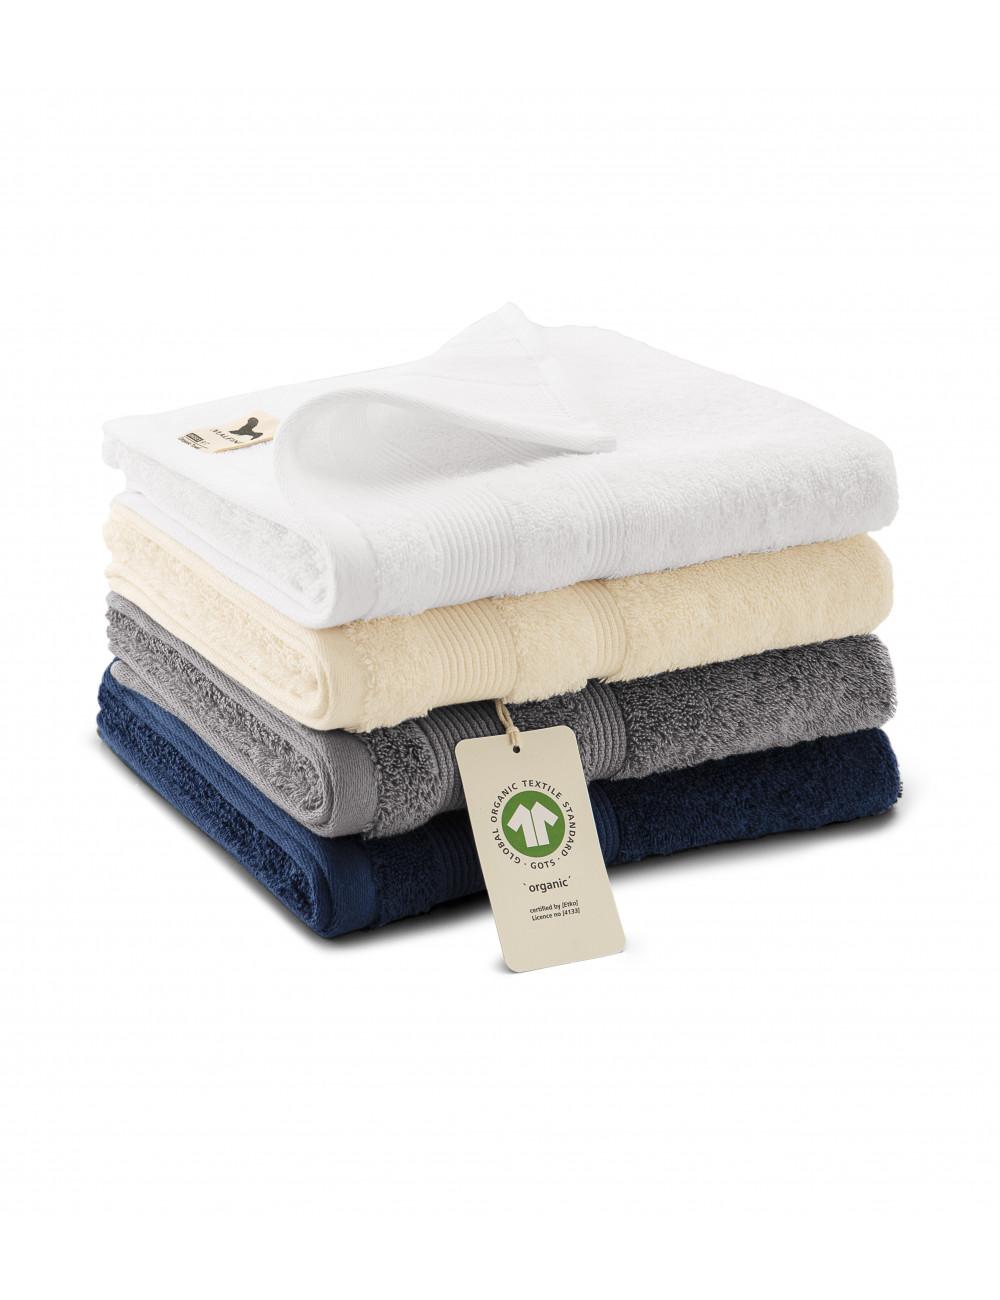 Adler MALFINI Ręcznik unisex Organic 917 migdałowy